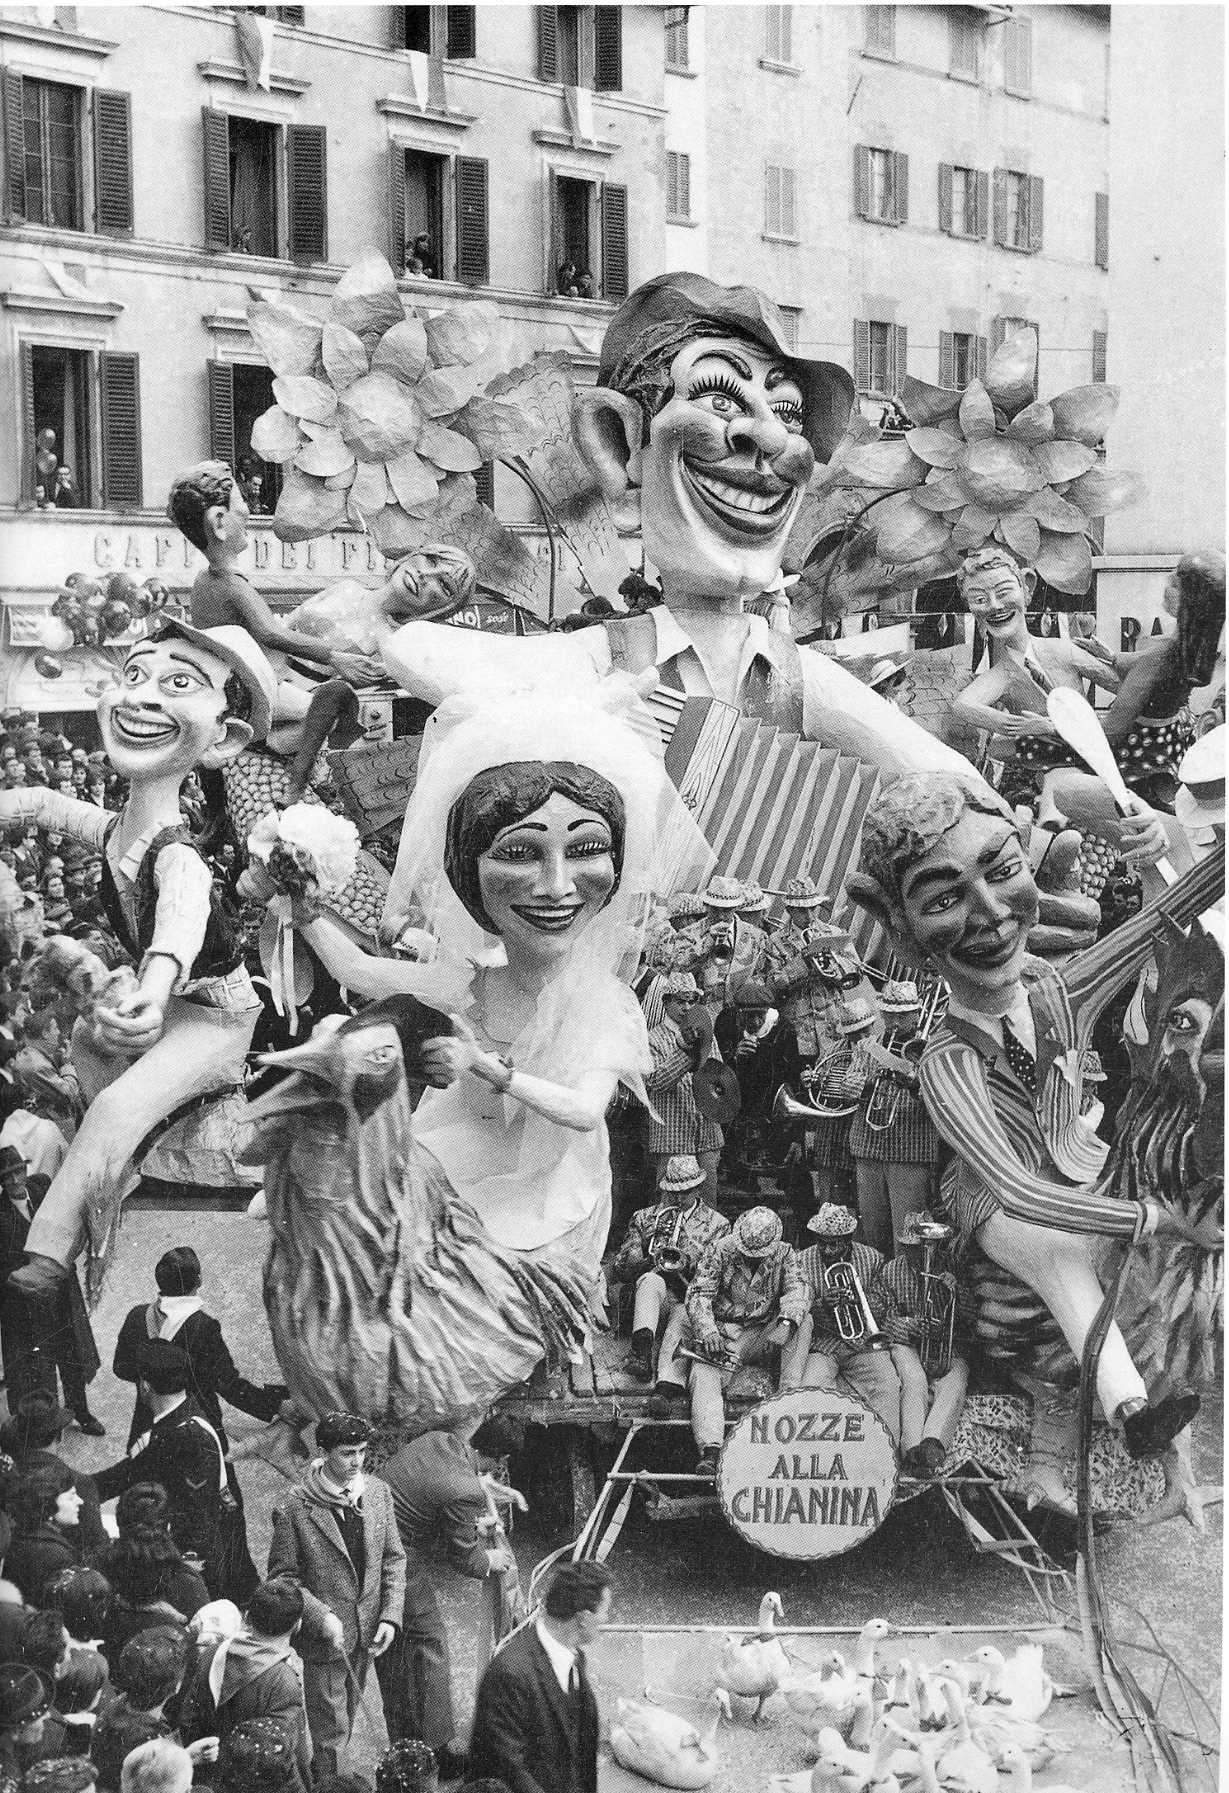 NOZZE ALLA CHIANINA-1965